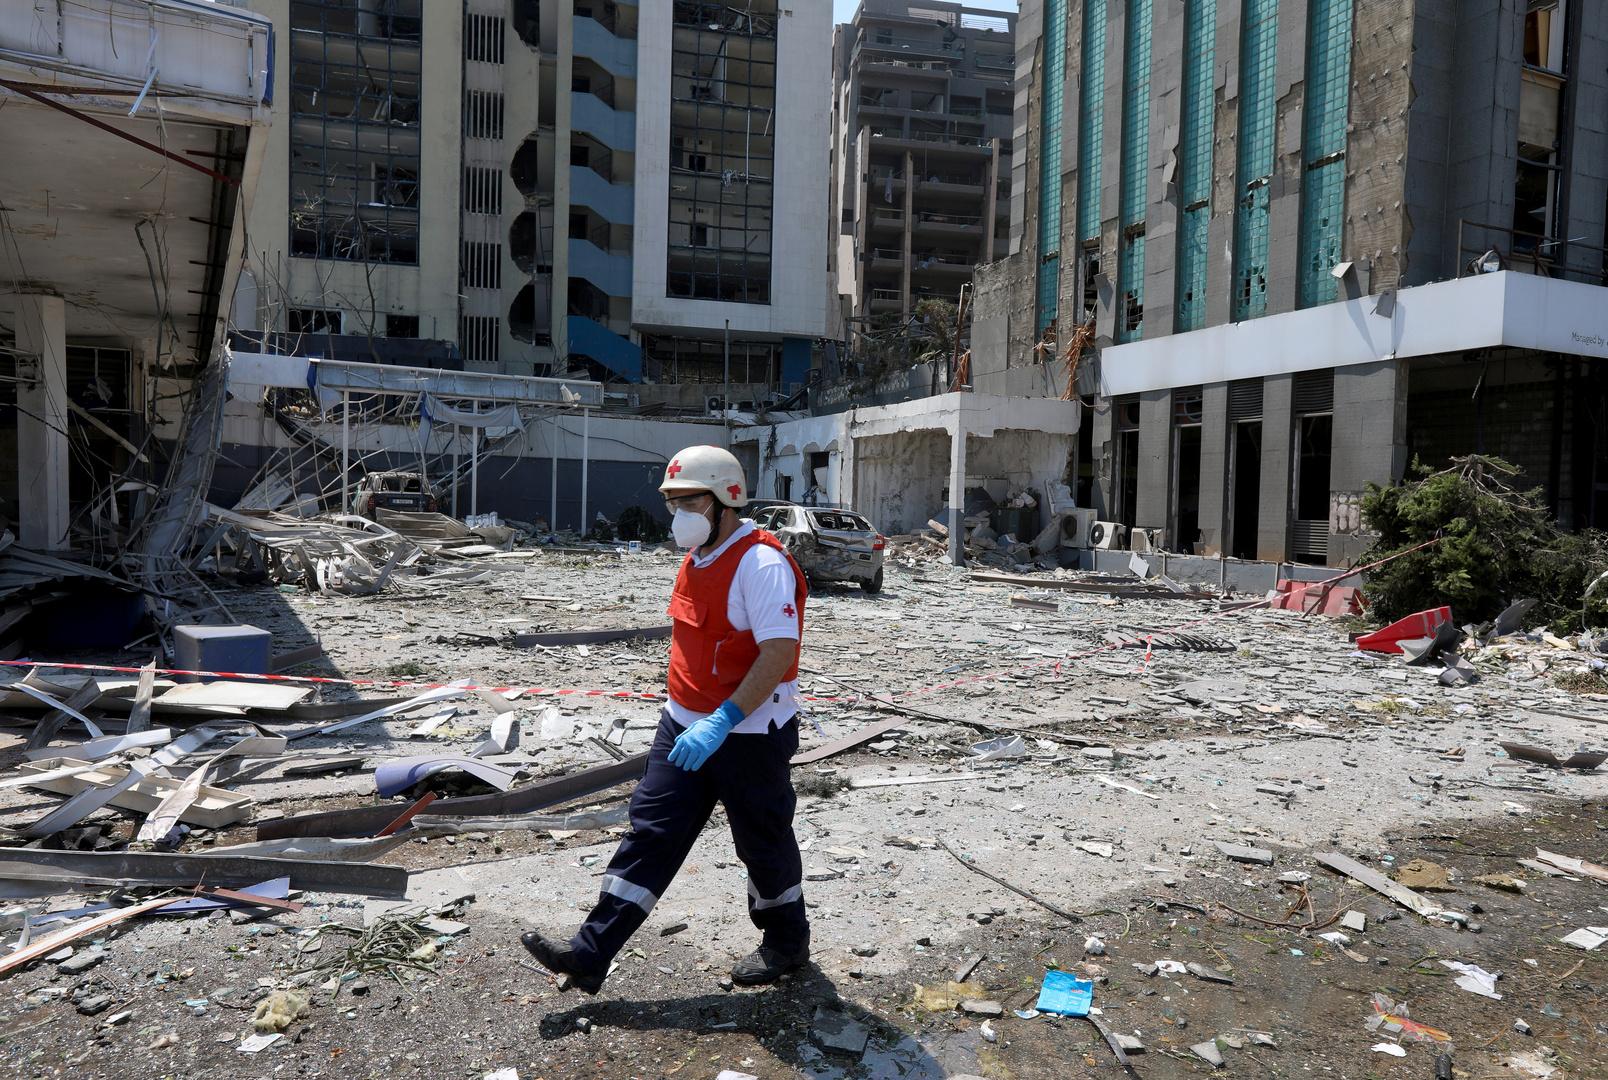 شاهد.. نشر أول صورة للشاب المصري الضحية الثالثة في انفجار بيروت